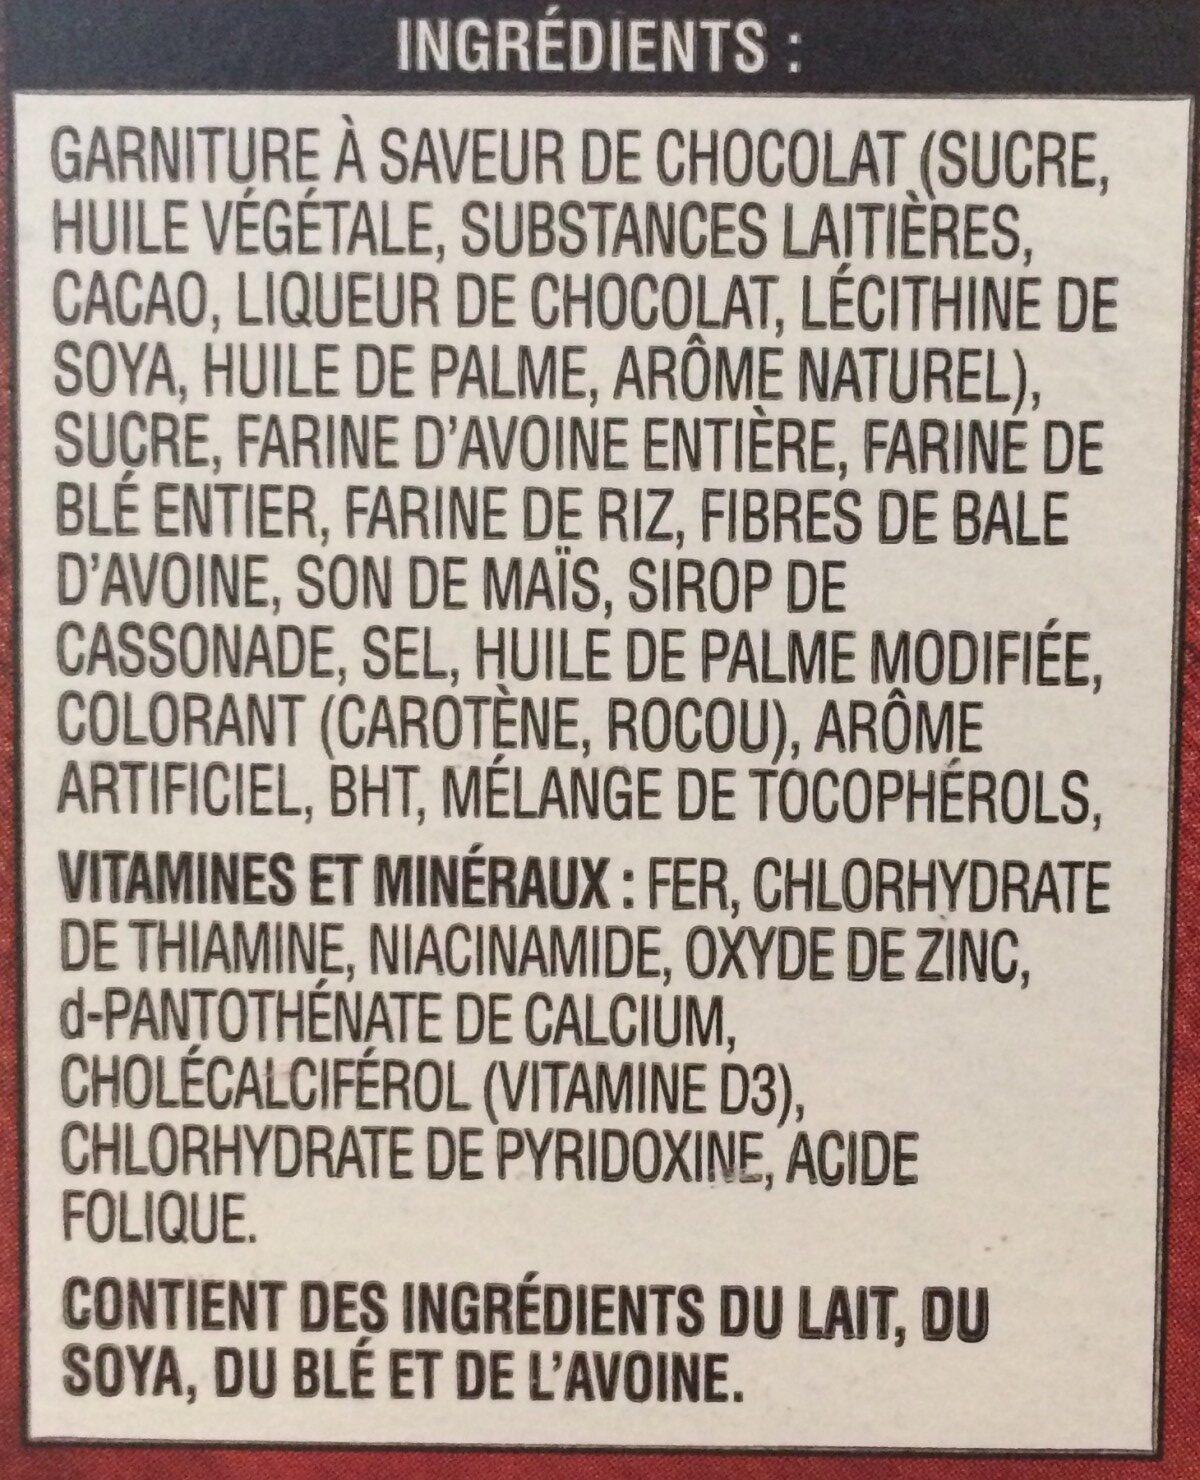 Céréales Au Chocolat Krave - Ingredients - fr